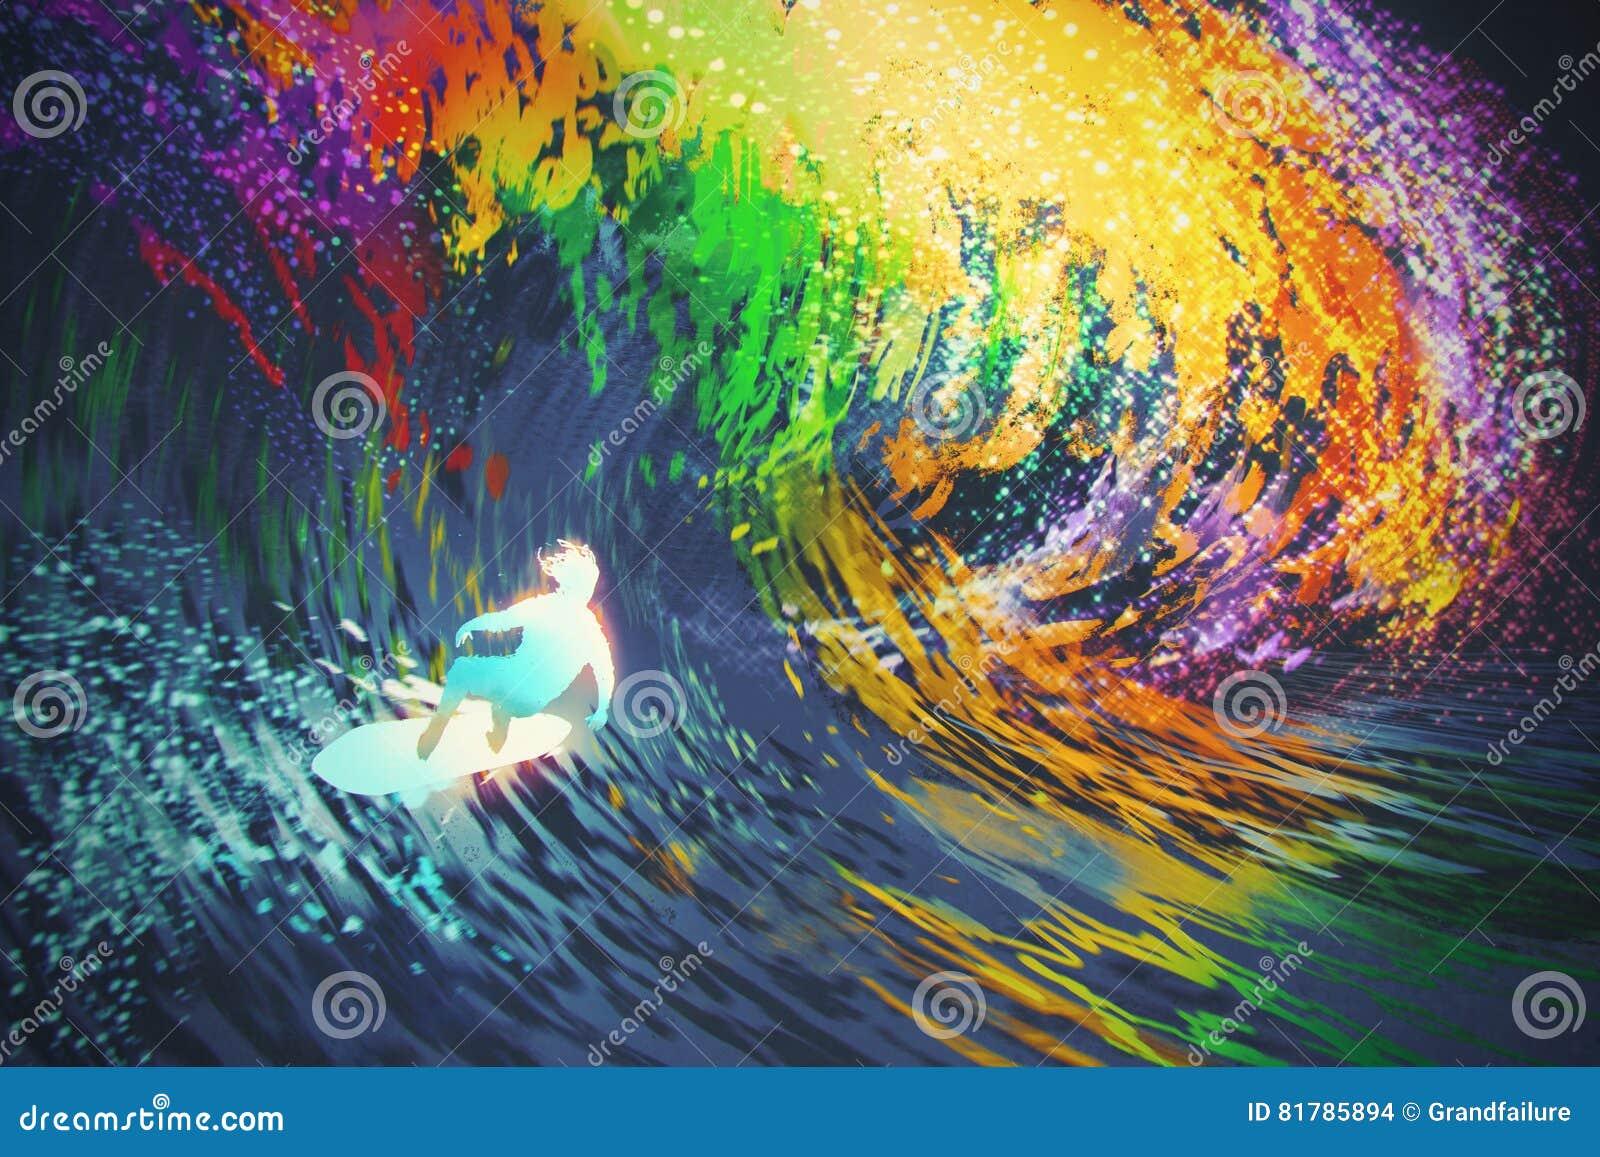 Το ακραίο surfer οδηγά ένα ζωηρόχρωμο ωκεάνιο κύμα